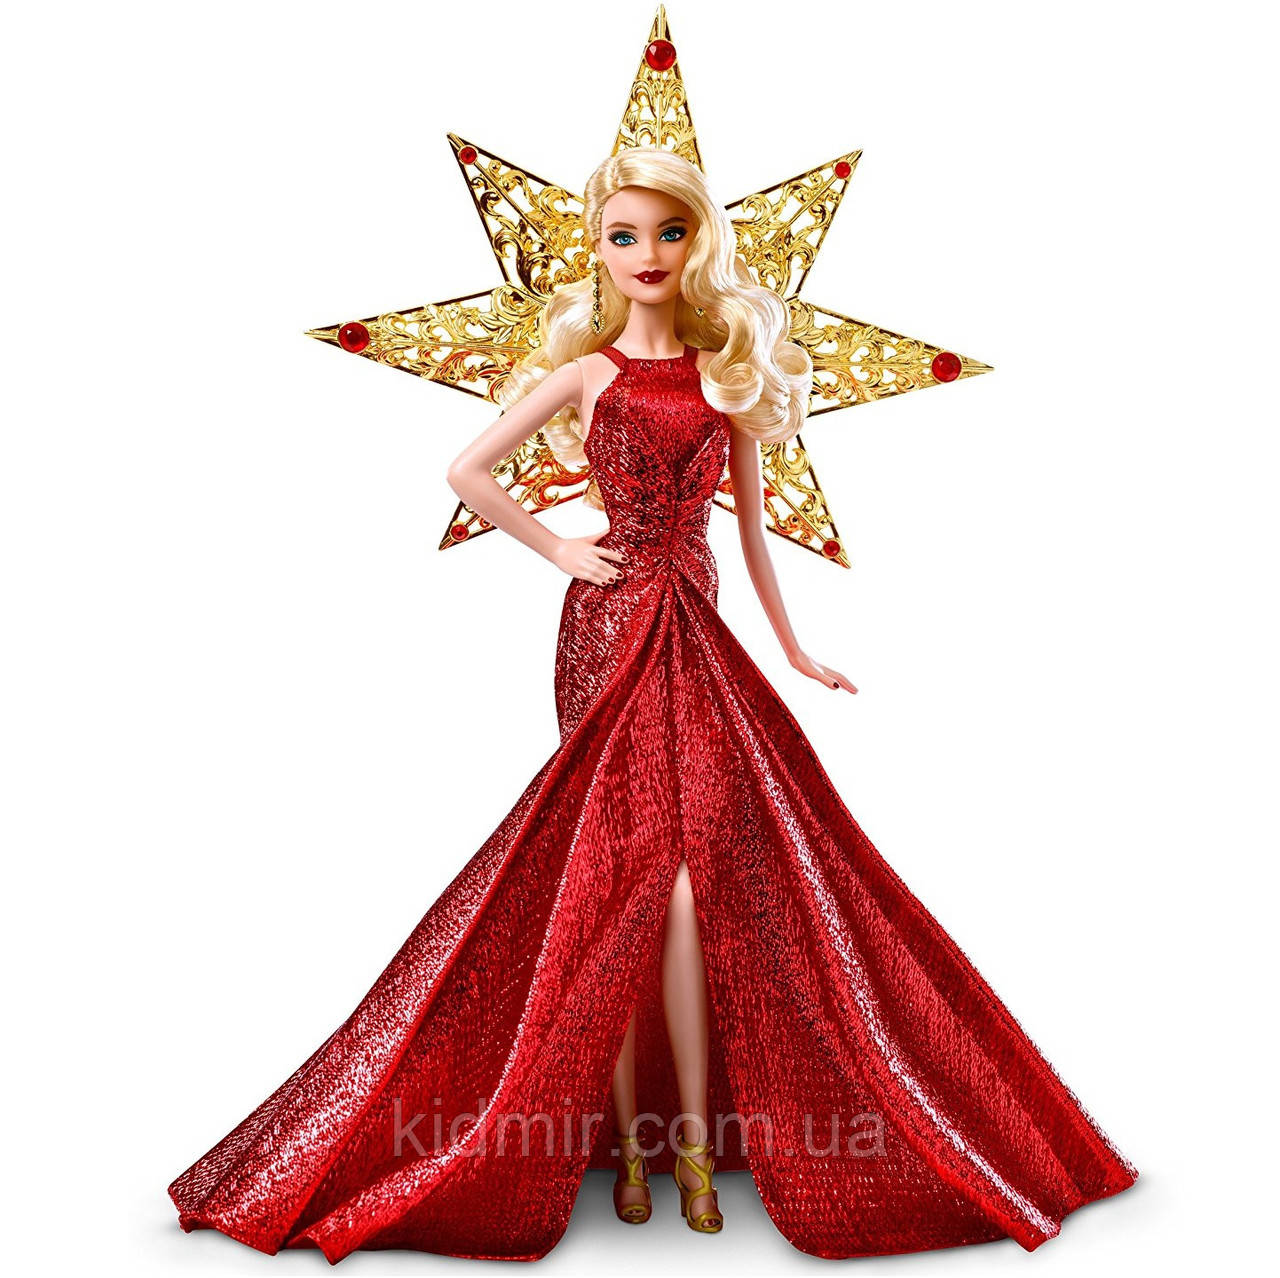 Кукла Барби Коллекционная Праздничная 2017 Barbie Collector Holiday DYX39